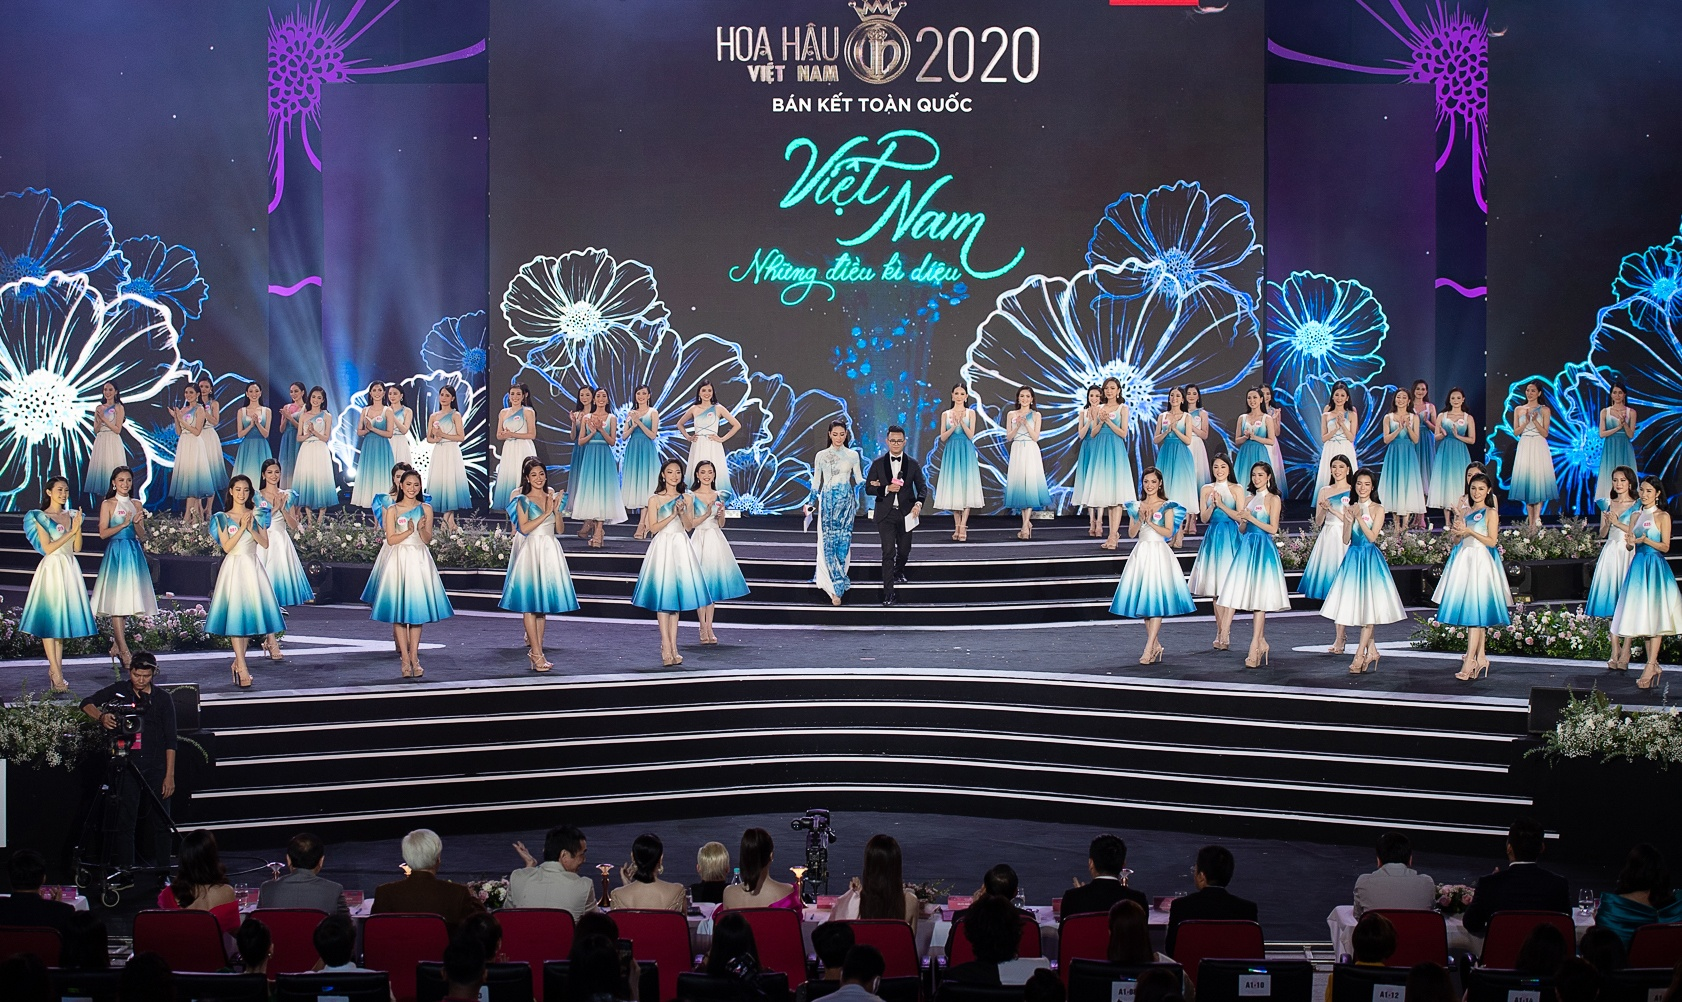 Hoa hau Viet Nam 2020 anh 12